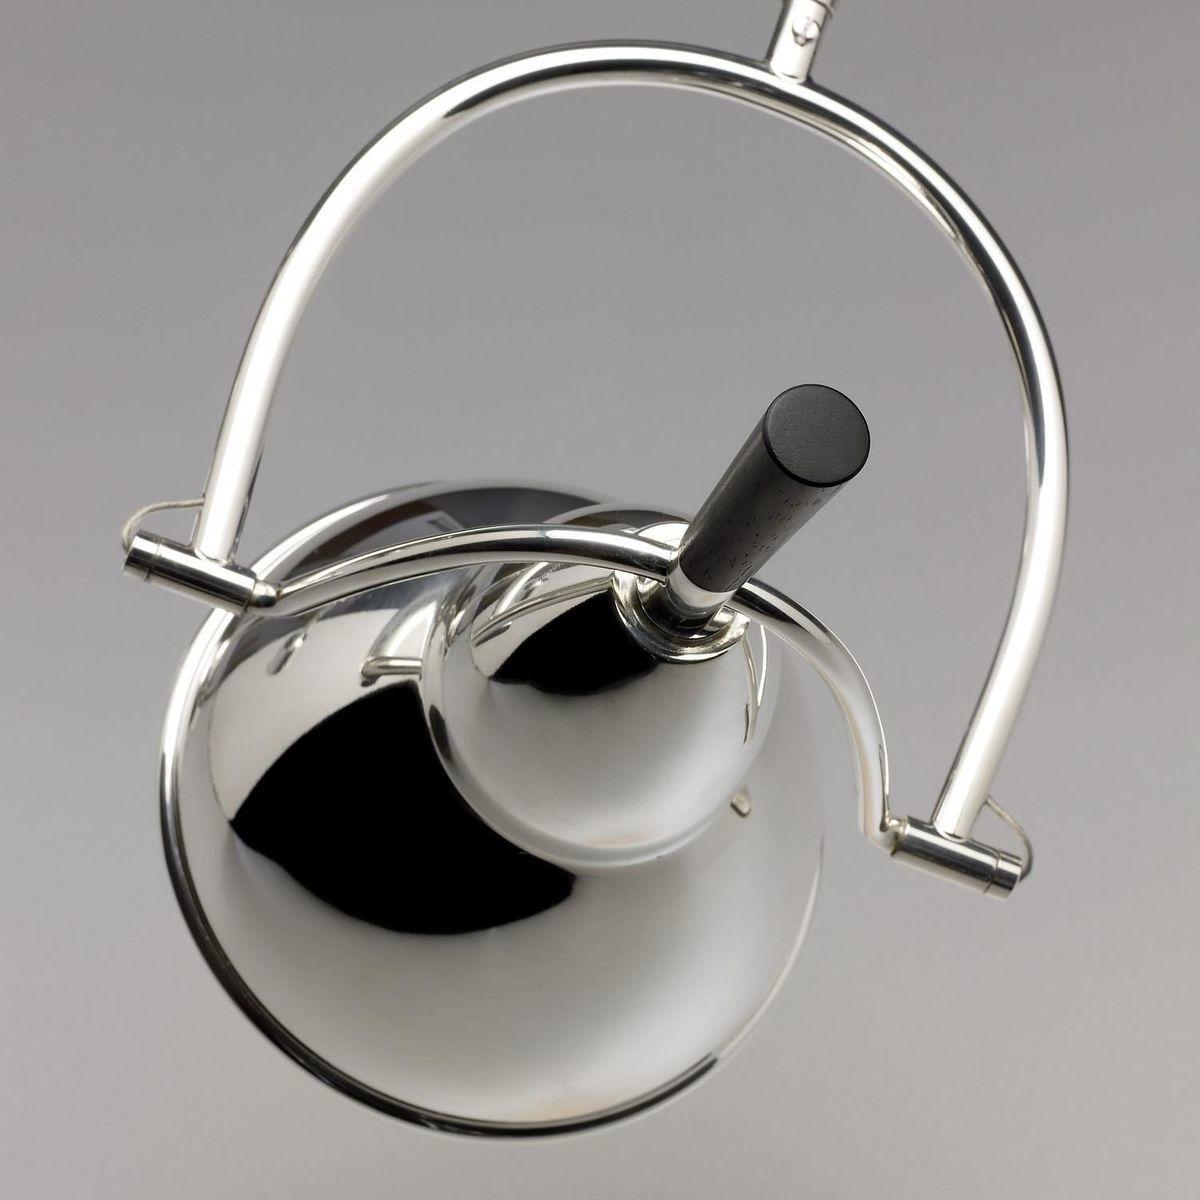 eb 27 buquet lampe de bureau tecnolumen. Black Bedroom Furniture Sets. Home Design Ideas